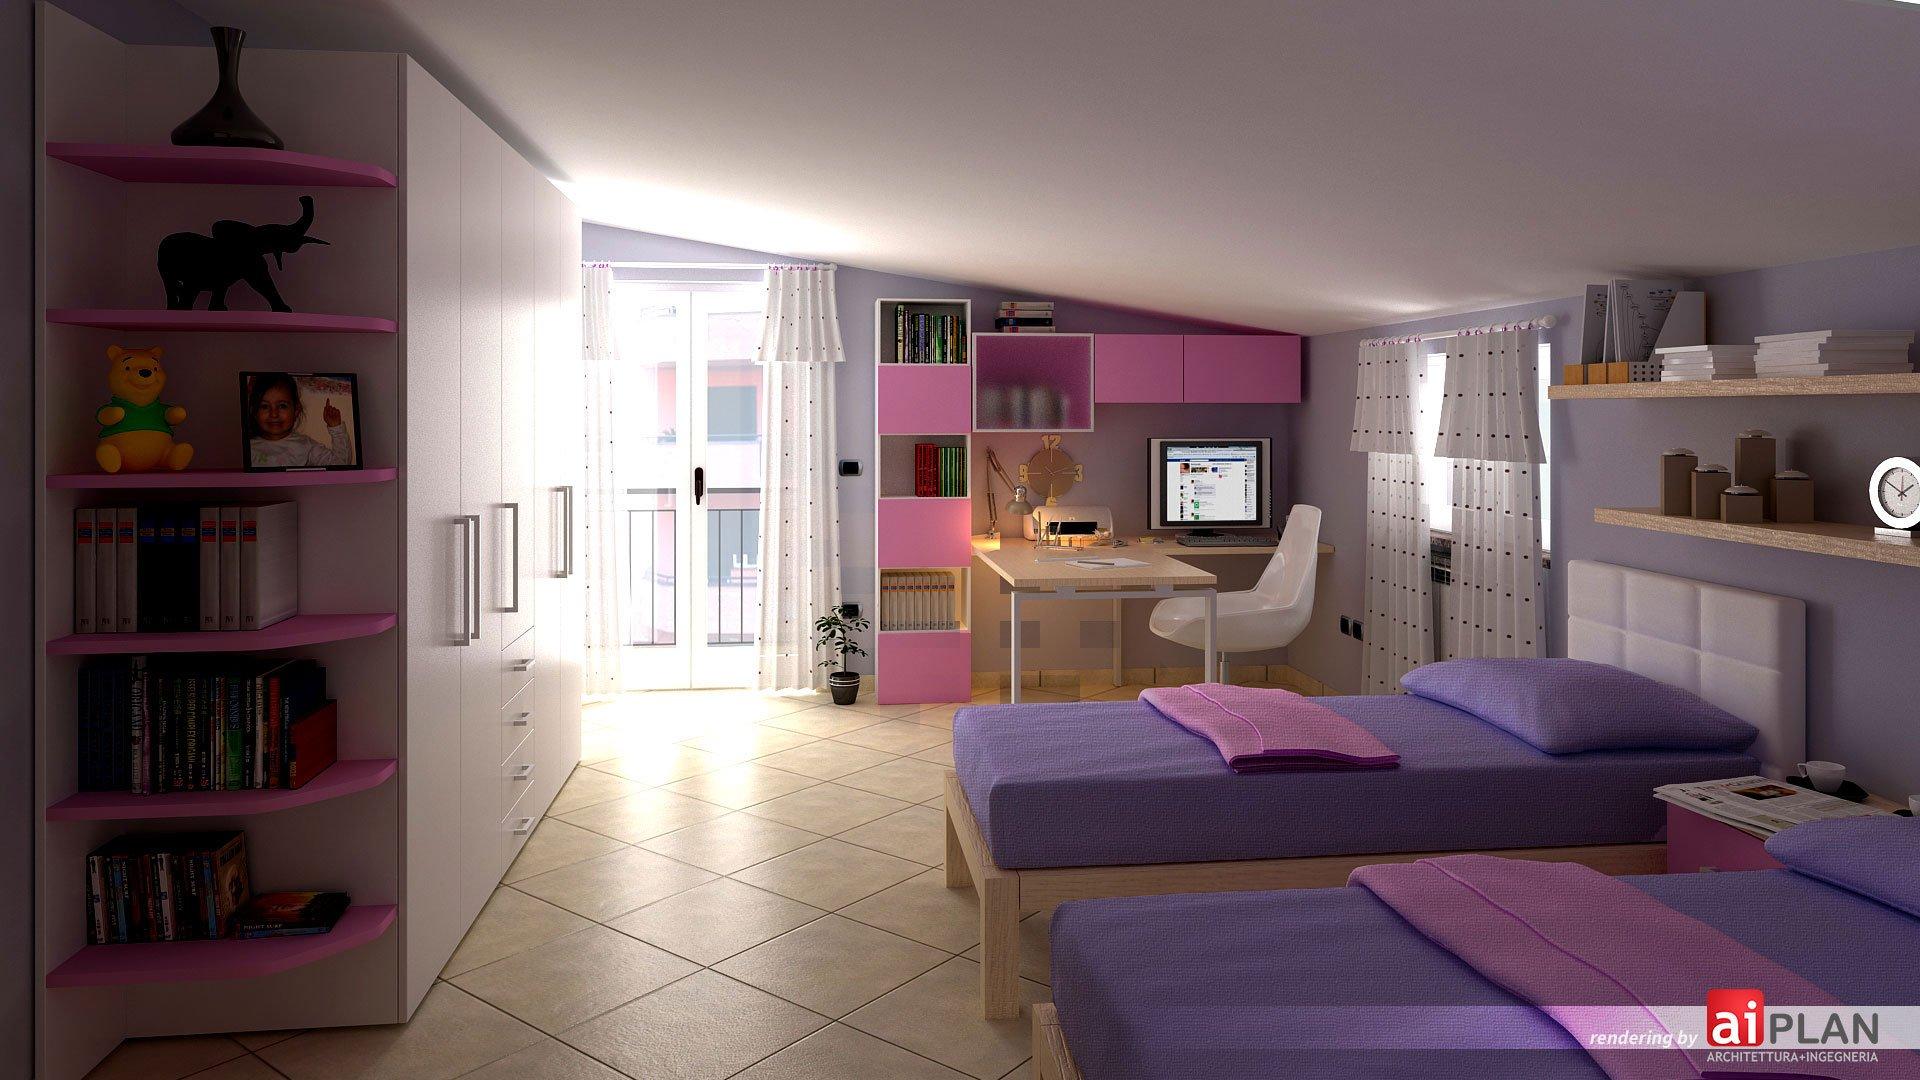 Rendering interni di residenze aiplan architettura e for Architetto per interni